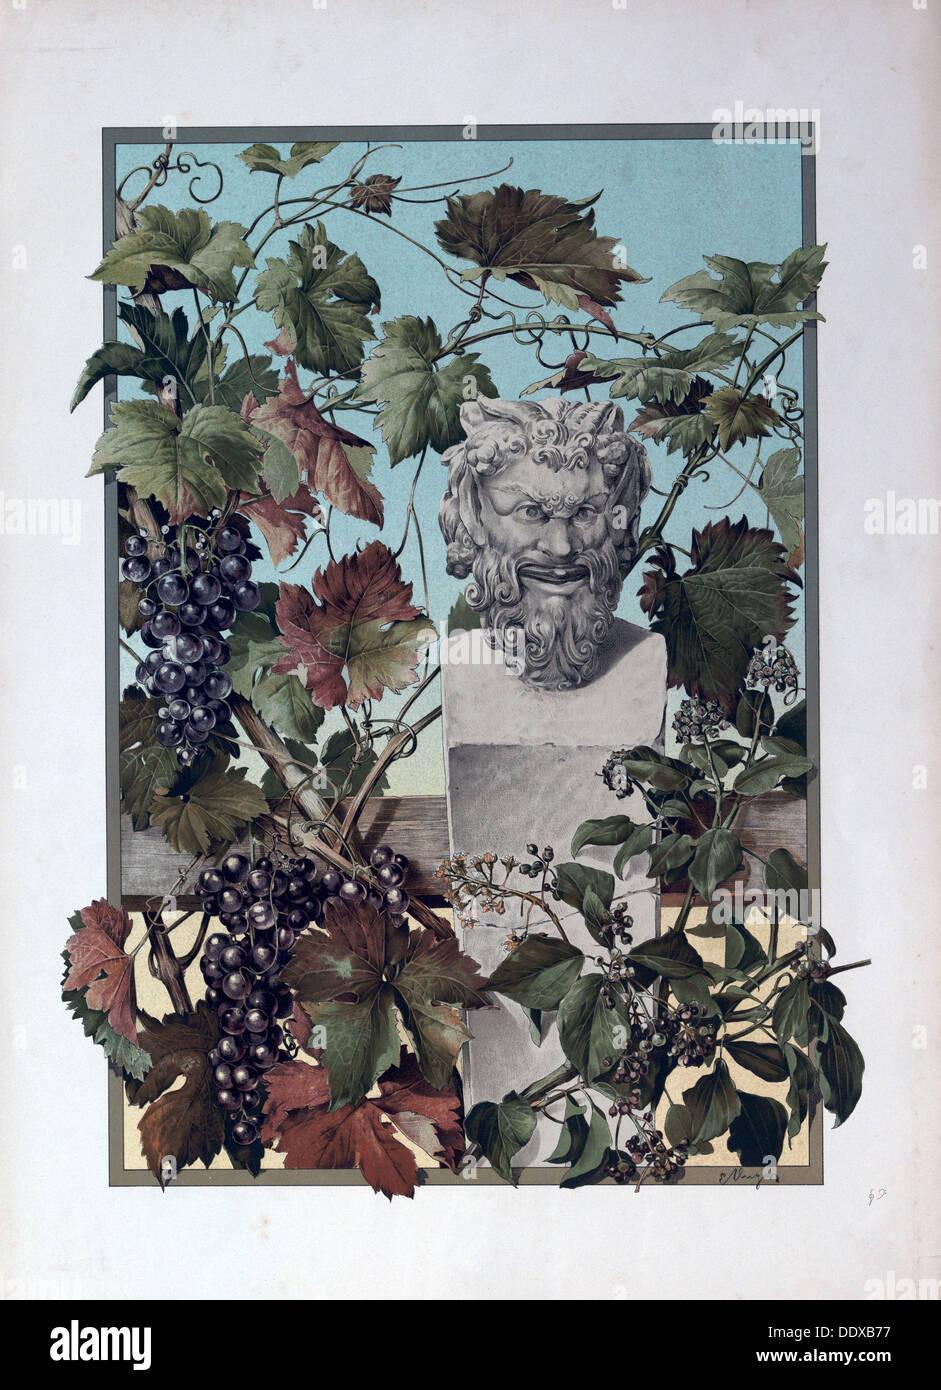 L'usine, les raisins, Bacchus, le vin, la mythologie, vigne, symbole, statue, sculpture, 19e siècle, vert, feuille, branche, floral Photo Stock